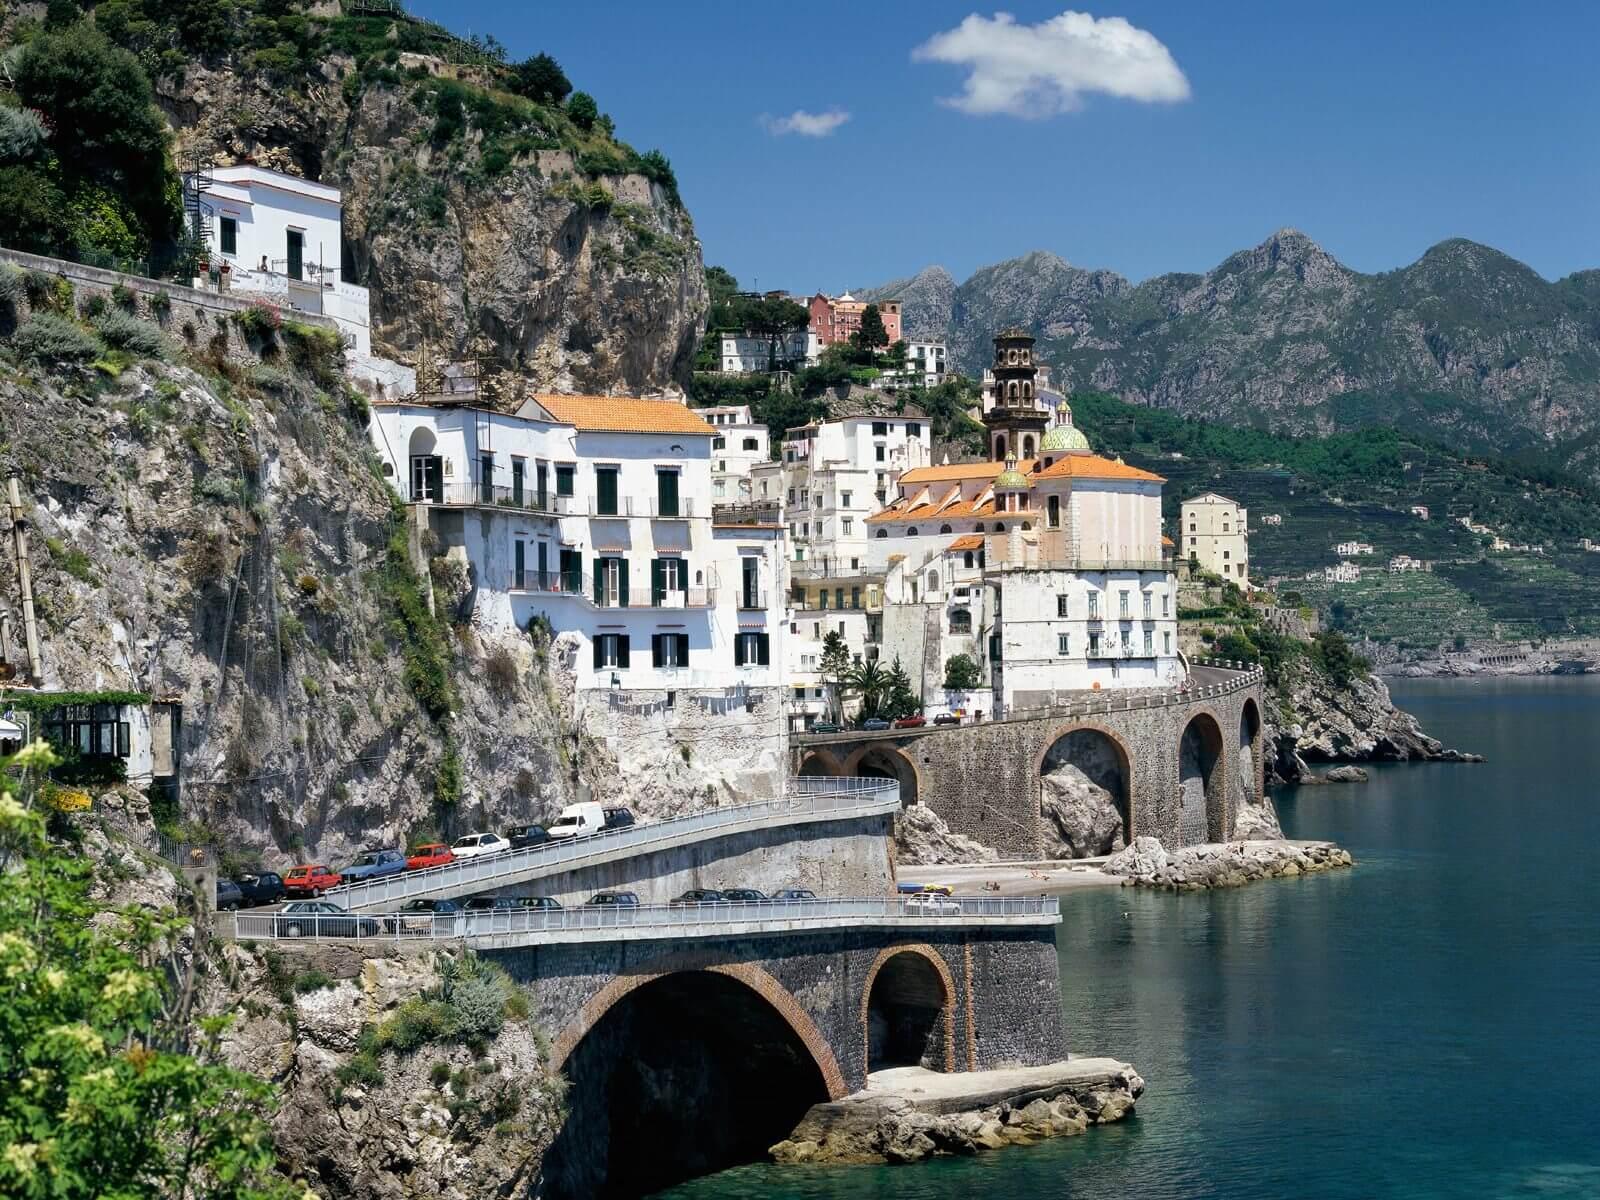 Découvrez la Côte amalfitaine, une côte rocheuse incroyablement belle et très populaire en Italie